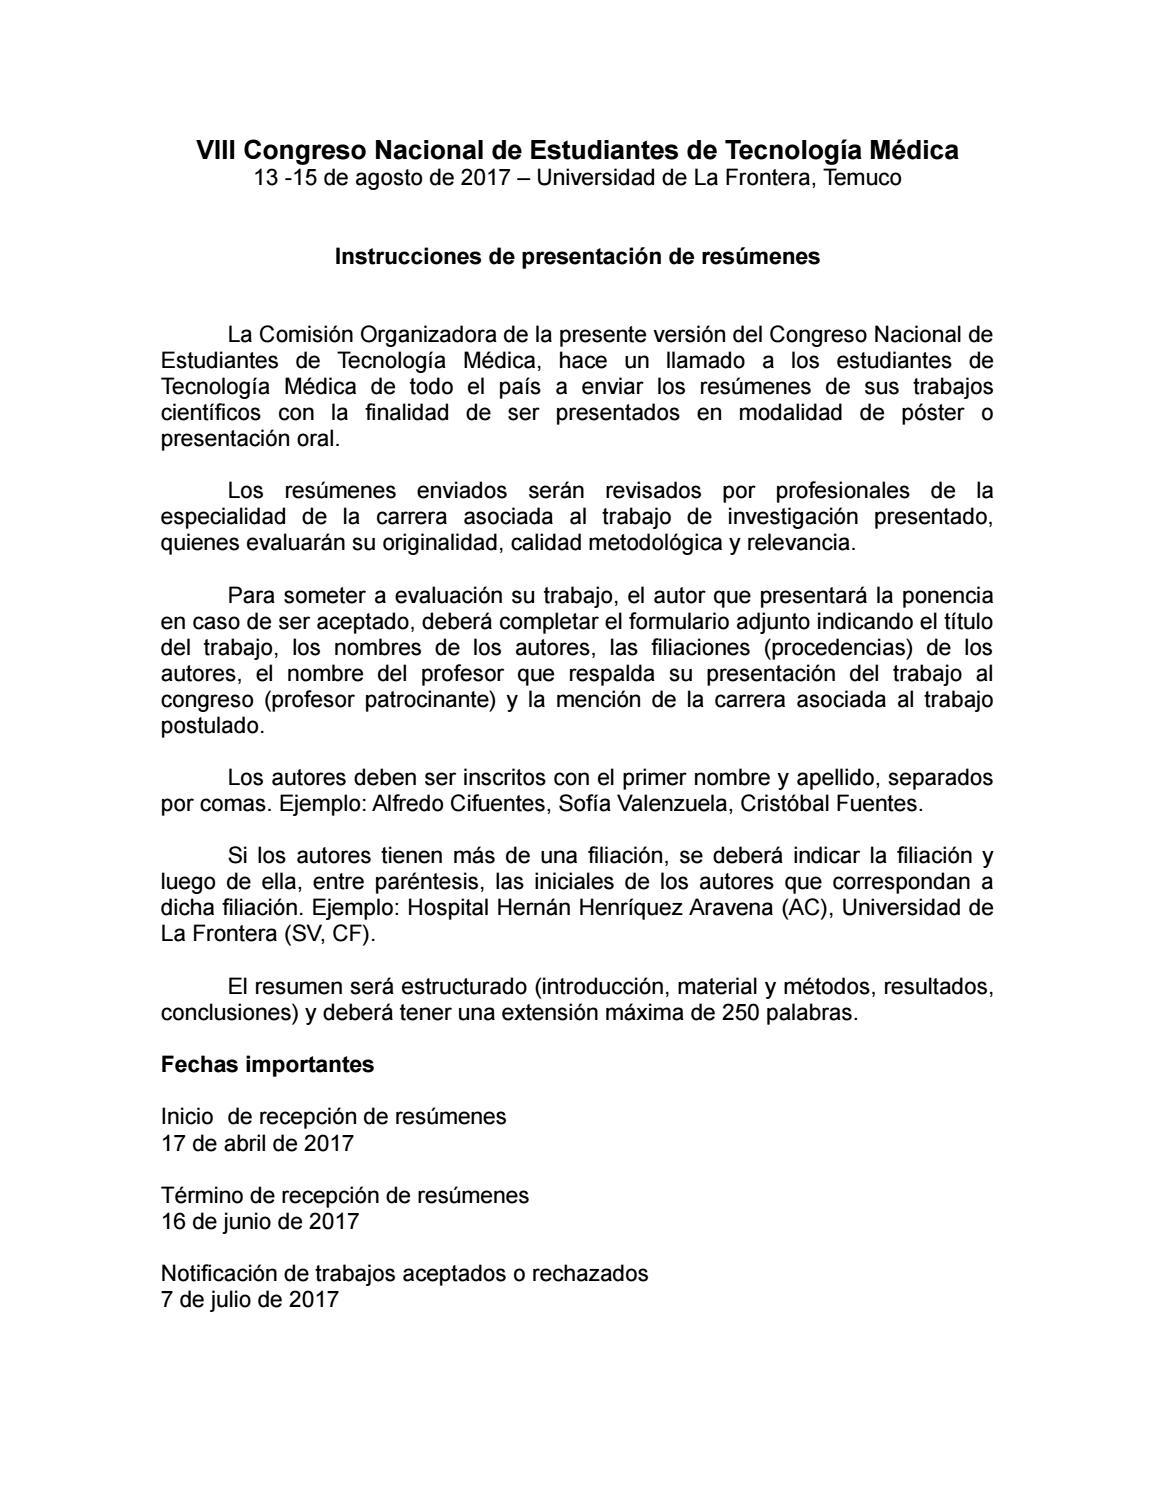 Bases Presentación de Resúmenes - VIII Congreso Científico de ...